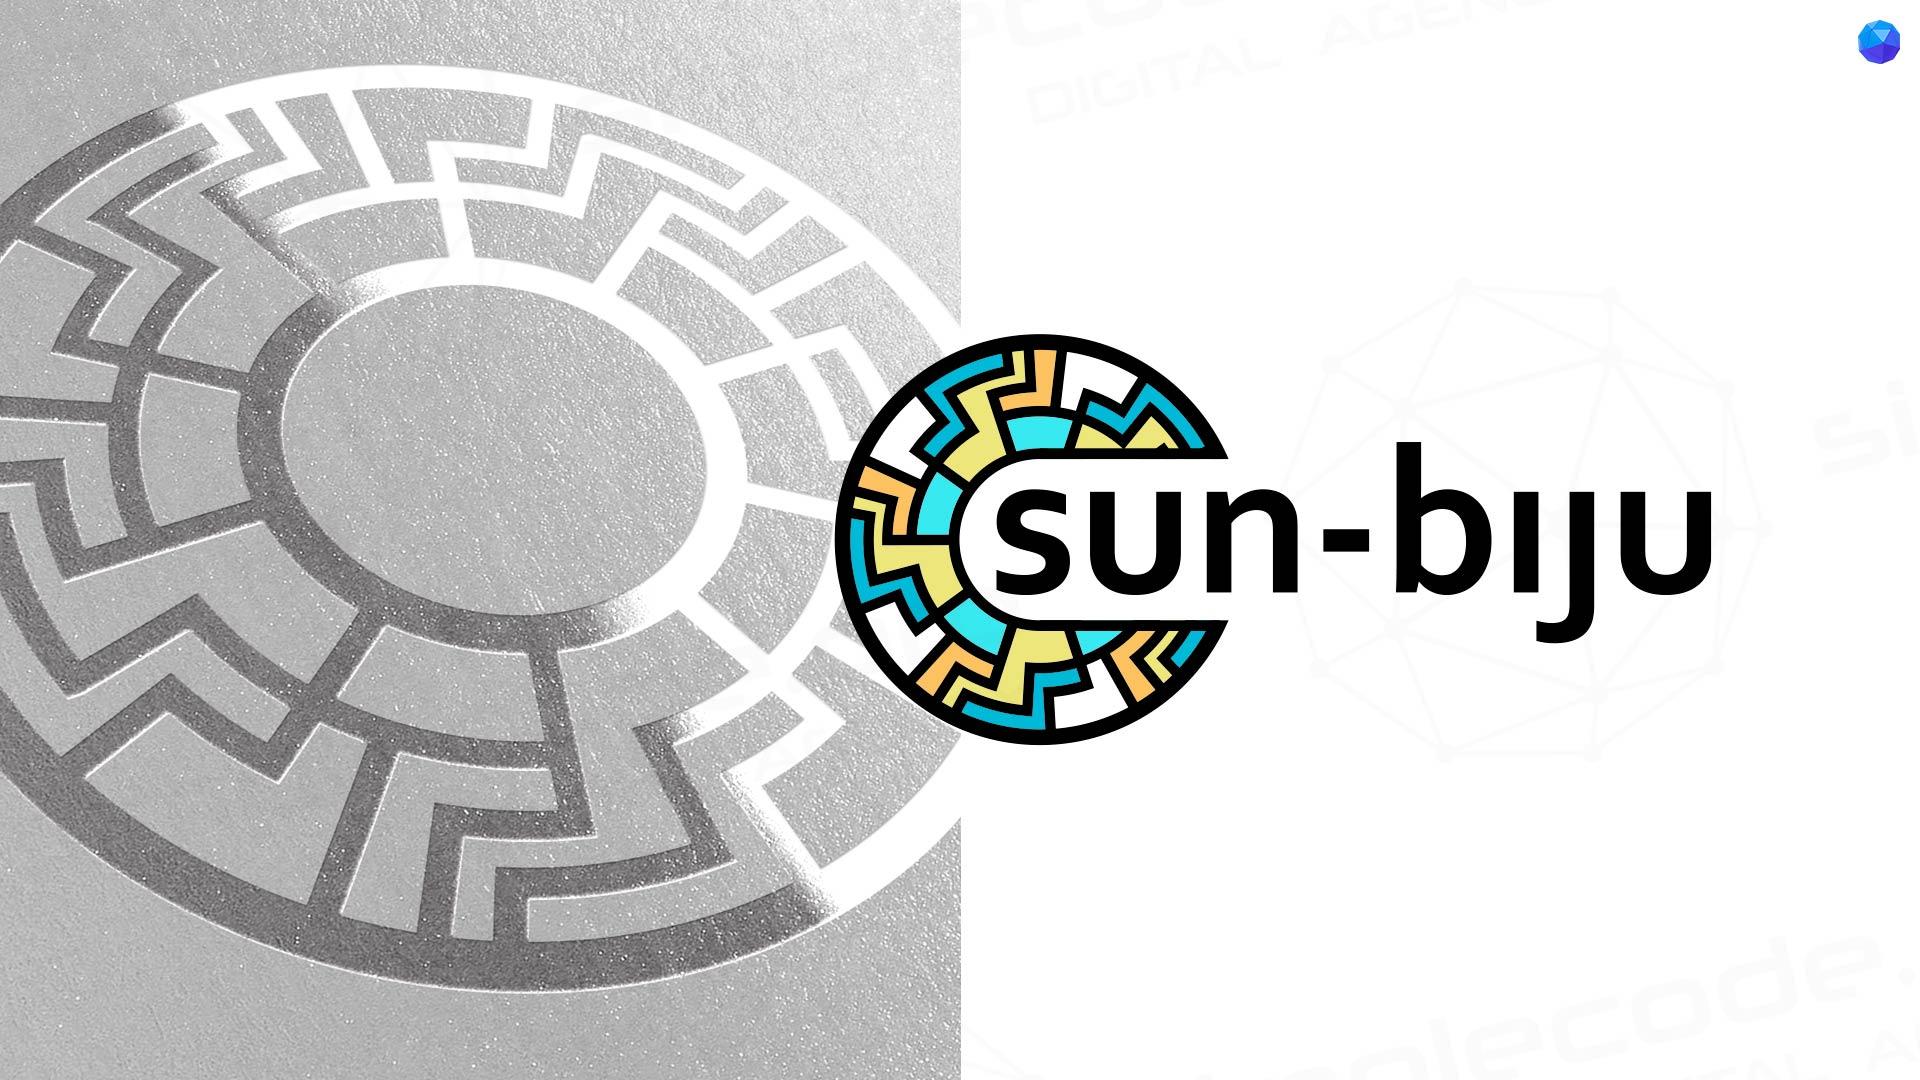 Sun-biju